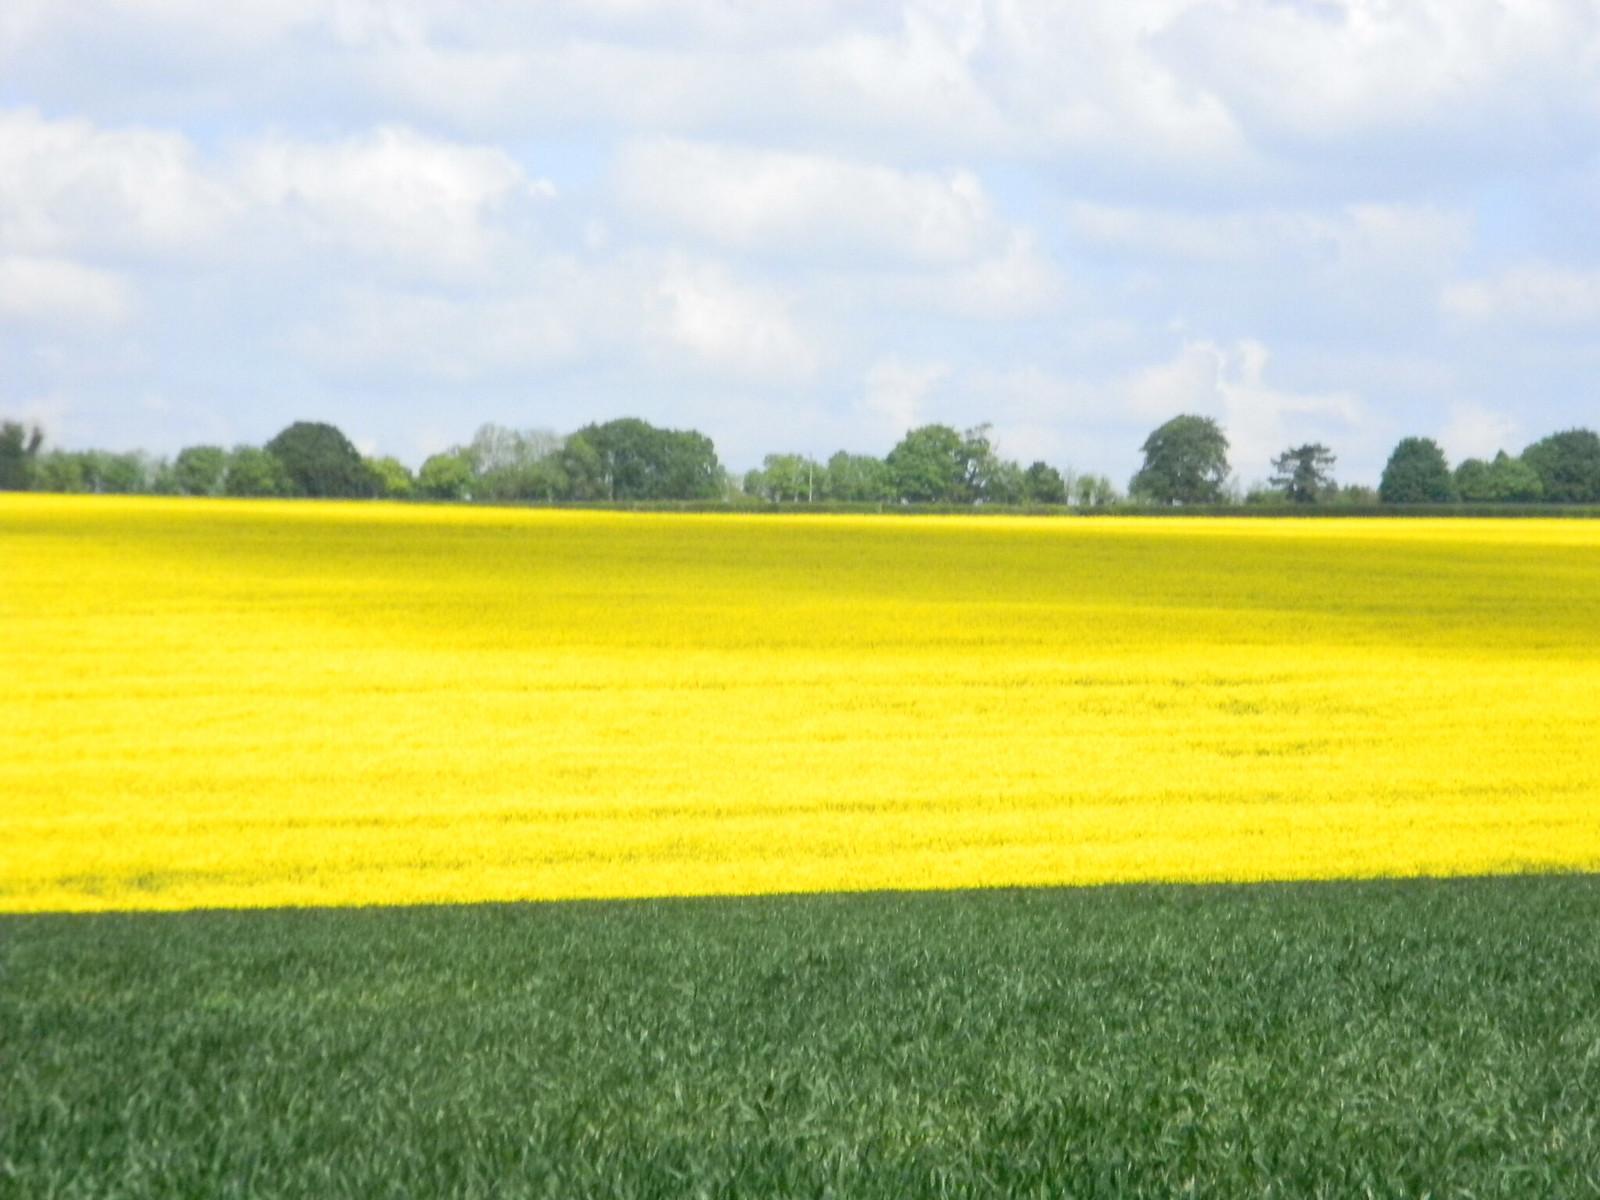 broad yellow swathe Oilseed rape. Salisbury to Amesbury via Stonehenge